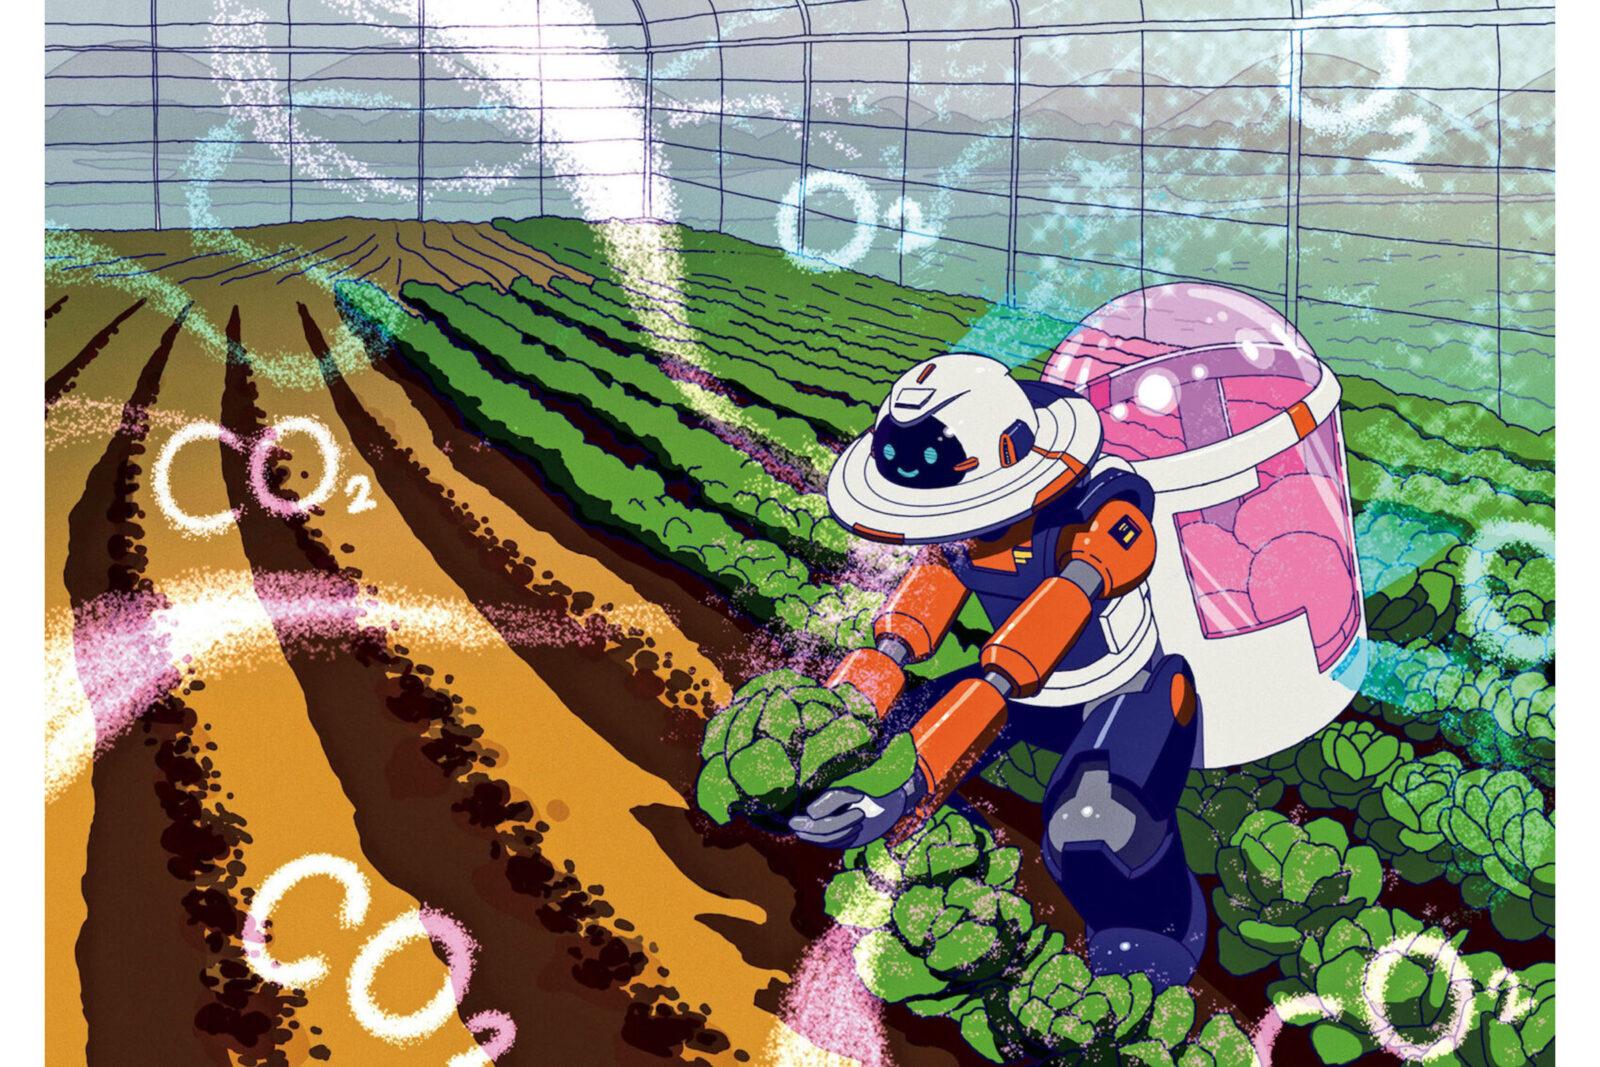 知財 二酸化炭素回収装置「ひやっしー」→妄想 農家お助けロボット「逆人間」自宅から気軽に遠隔で農業を。複数の化学反応のサイクルによって、空気中のCO2のみを単離できる技術が生み出した二酸化炭素回収装置。人間の出すCO2を吸収するだけでなく、エネルギー原料となるメタンを生成することにも役立つ。未来のビニールハウスでは、CO2を吸って生きる農家お助けロボット「逆人間」が活躍し、自動で空気をコントロール。さらにアバターとして操作できるようになれば、後継者不足を補う人材として活用もできるだろう。